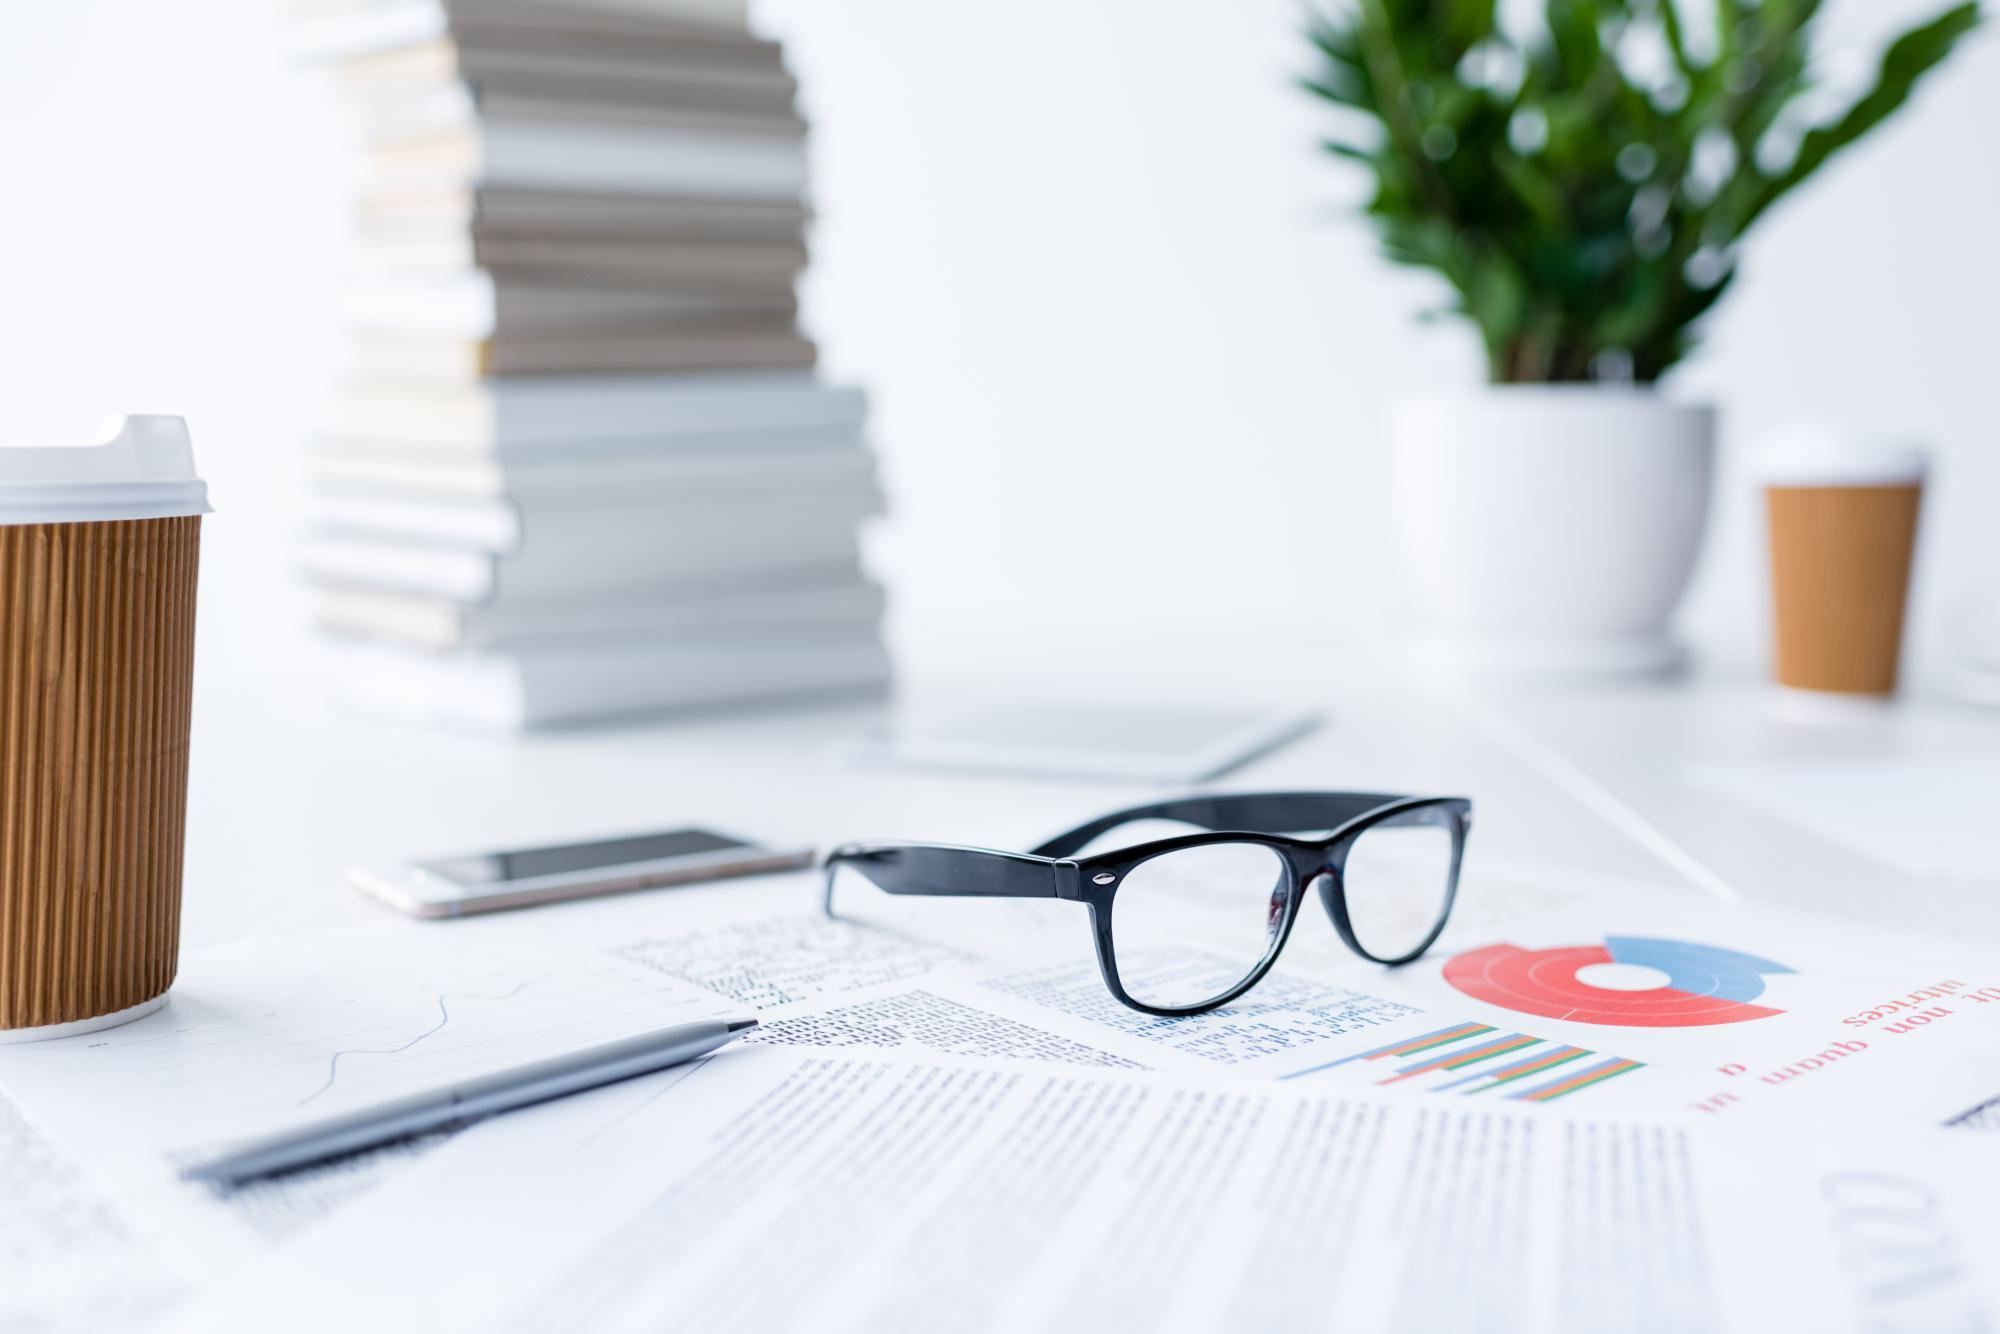 Налоговая декларация по НДС в электронном виде за первый квартал 2012 года должна формироваться в соответствии с новой версией формата